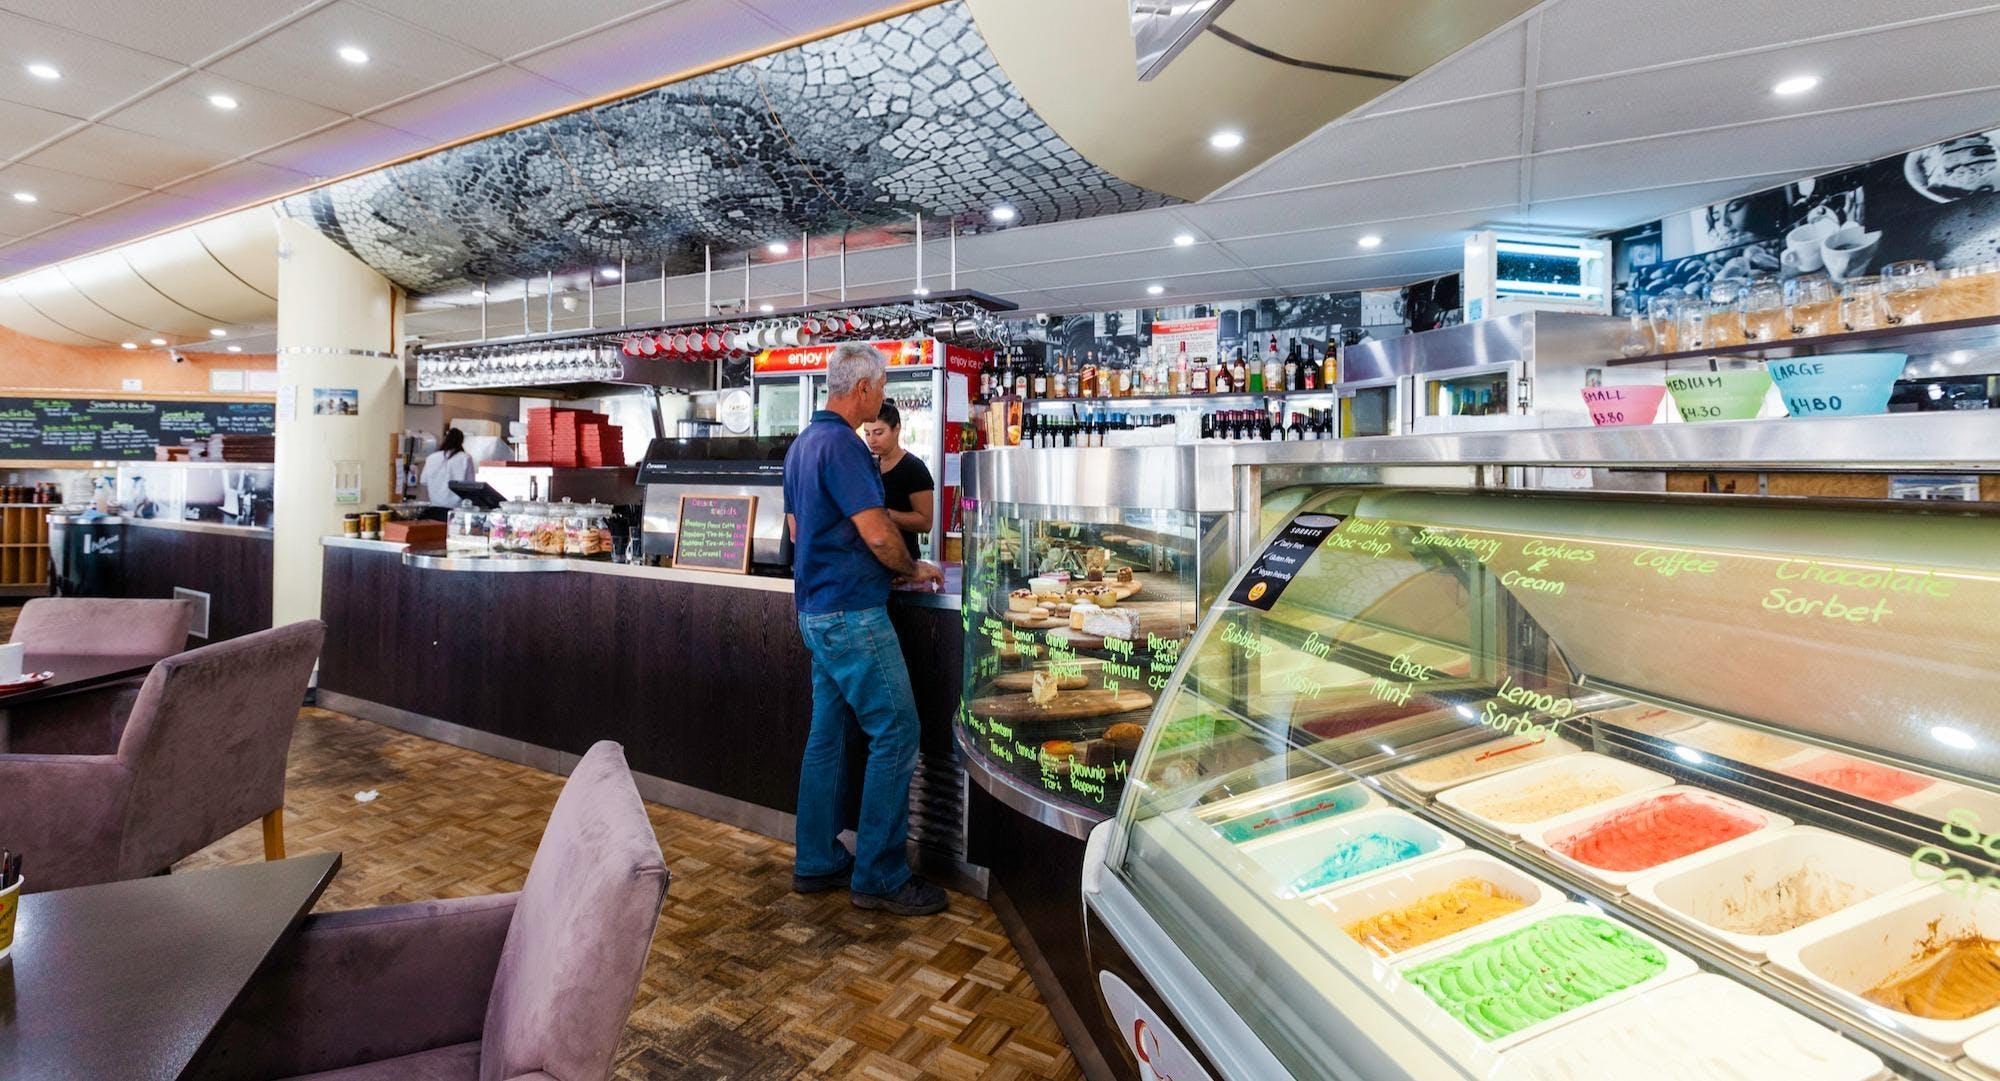 La Scala Cafe & Pizzeria Adelaide image 3